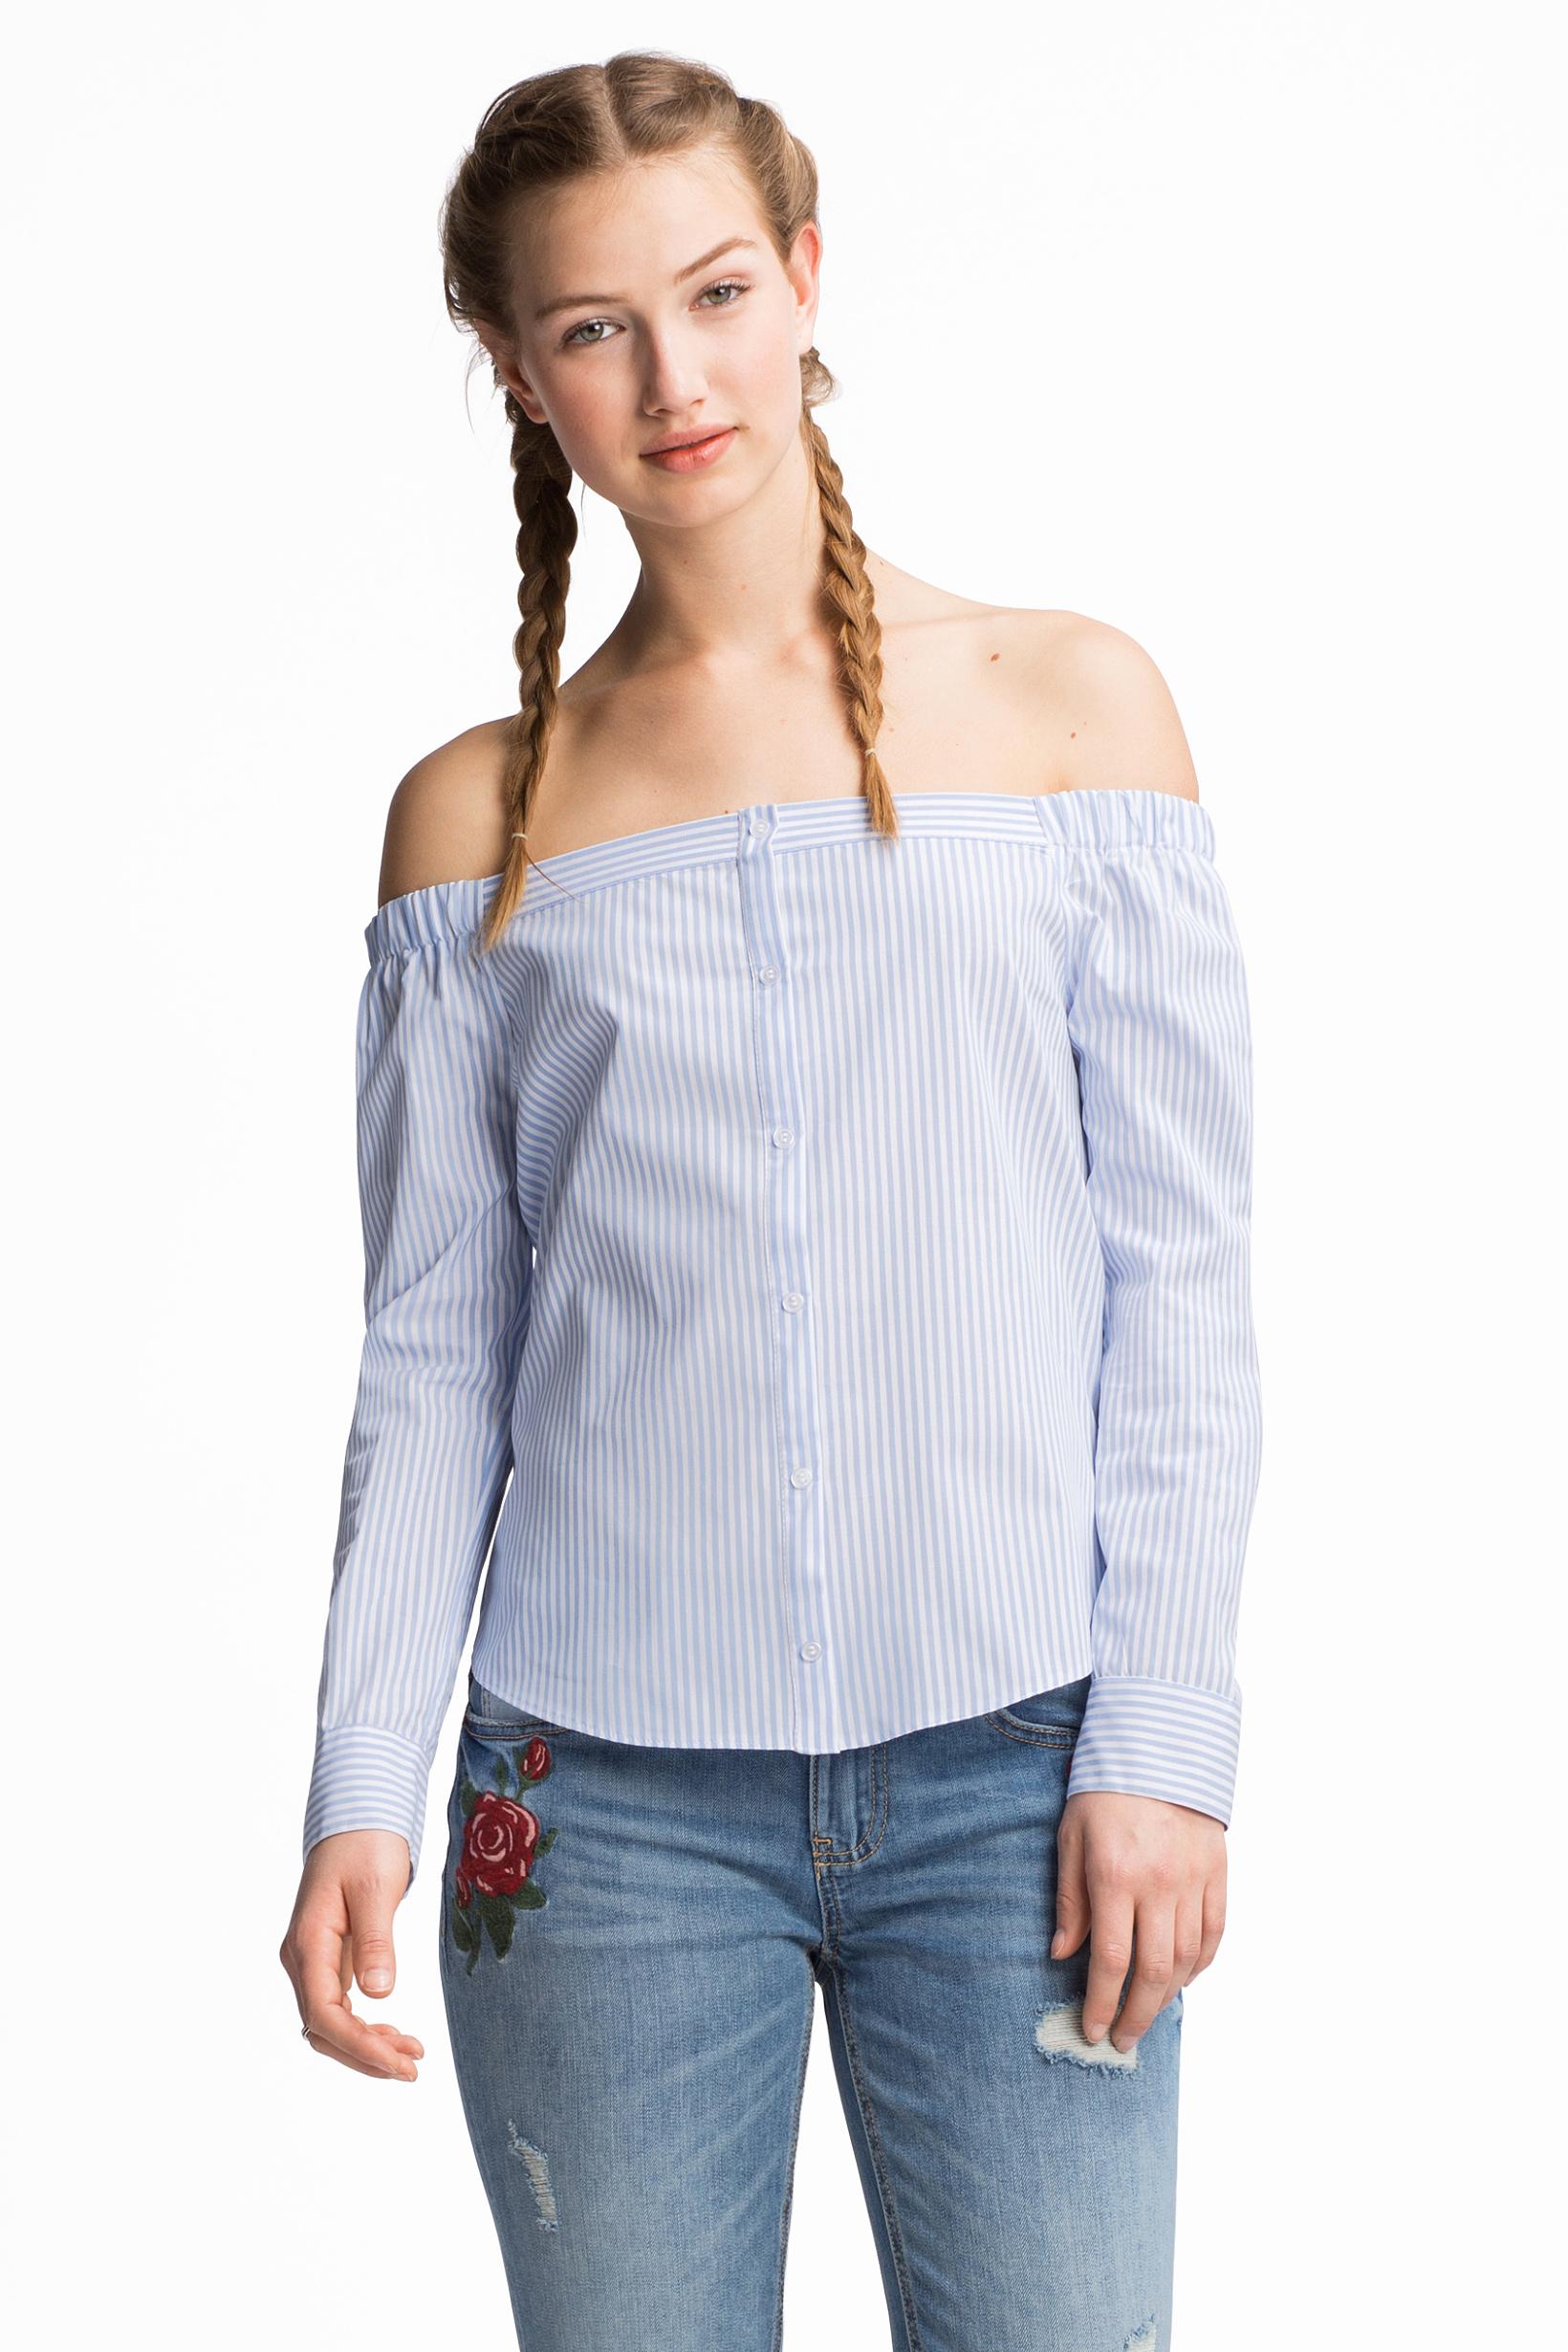 Gratis Versand bei C&A Online, viele Hemden für 3,60€